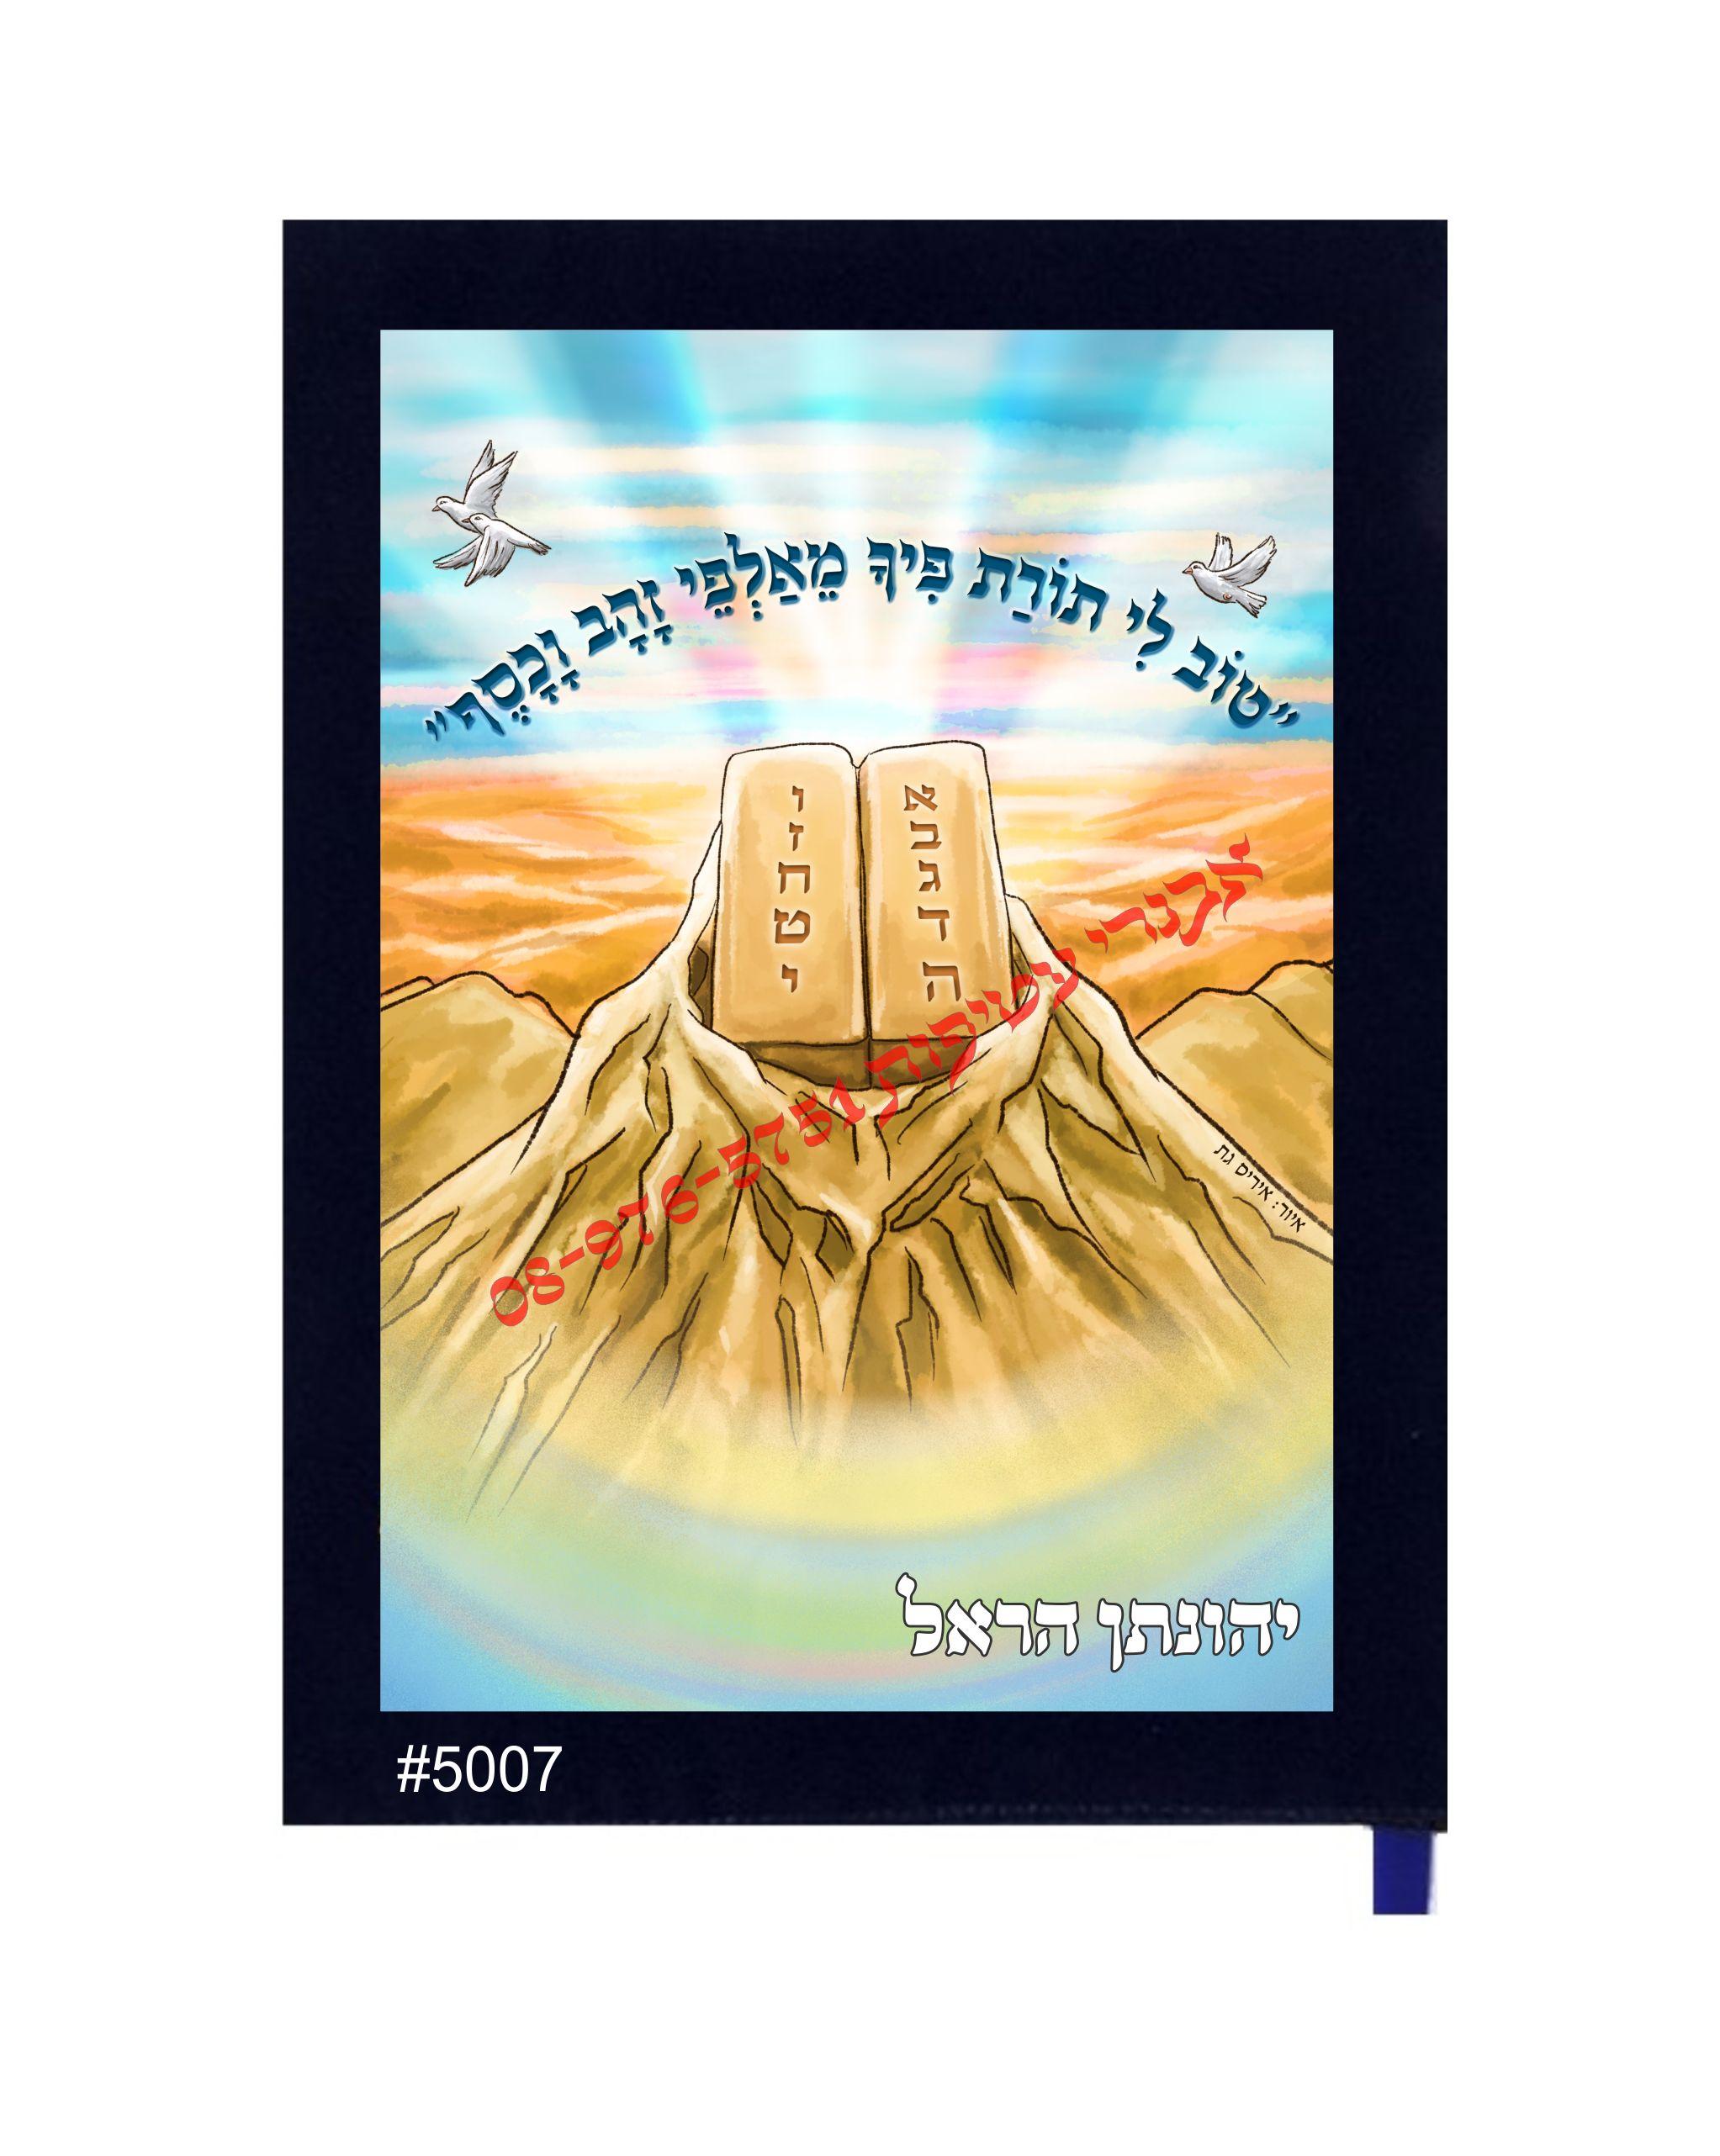 עטיפות לחומש בראשית דגם מרהיב של מעמד מתן תורה- לוחות הברית מרובעות